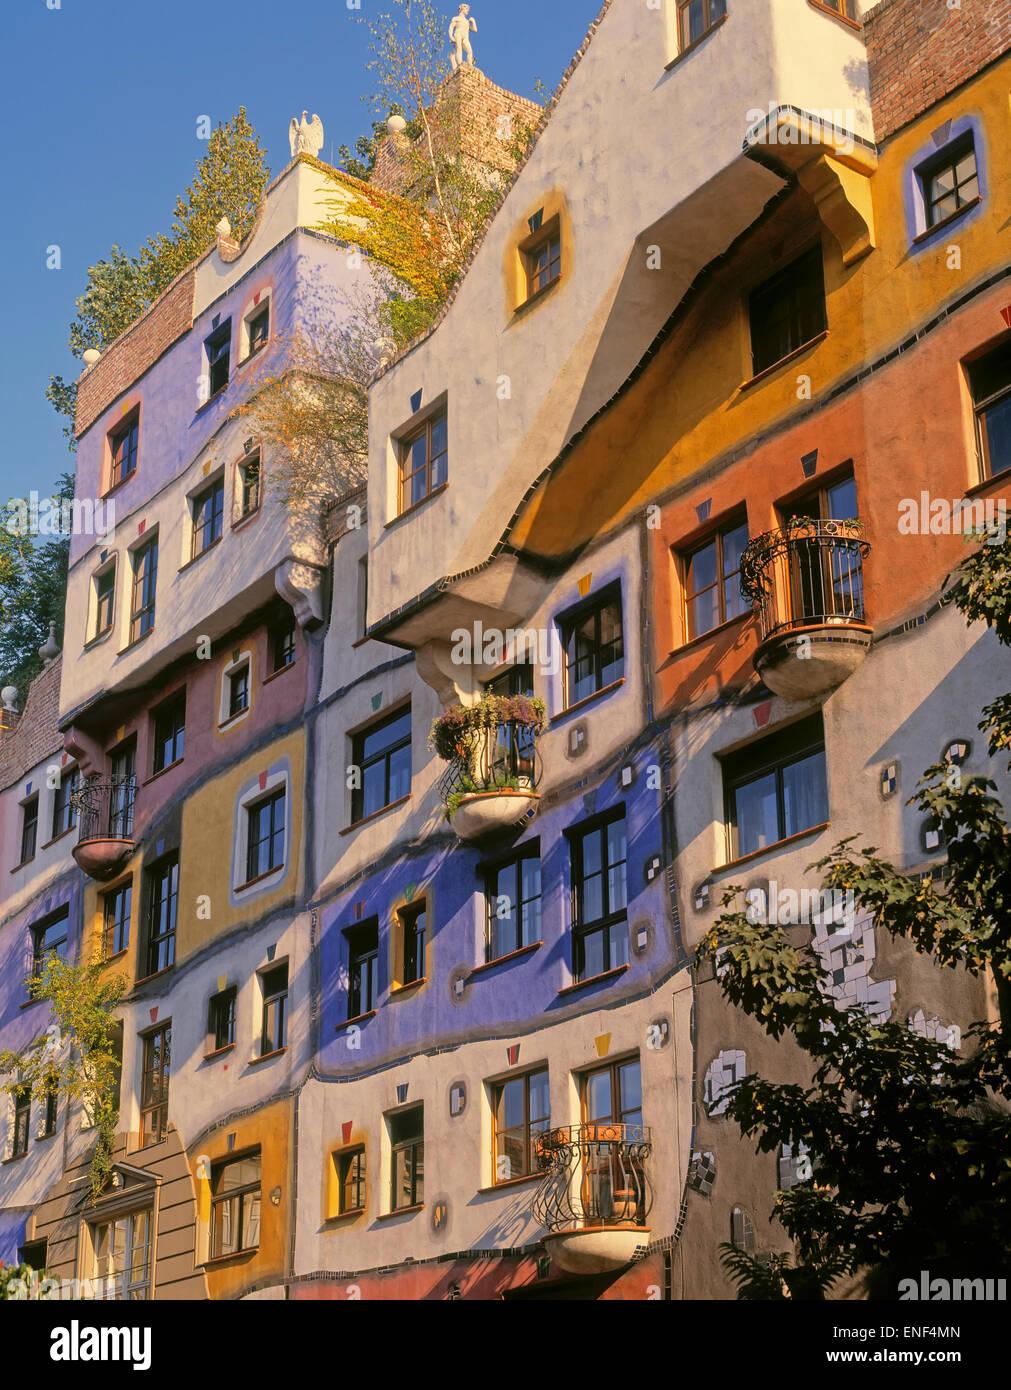 Vienne, Autriche. Façade de Hundertwasserhaus, un immeuble conçu par l'architecte et artiste Friedensreich Photo Stock